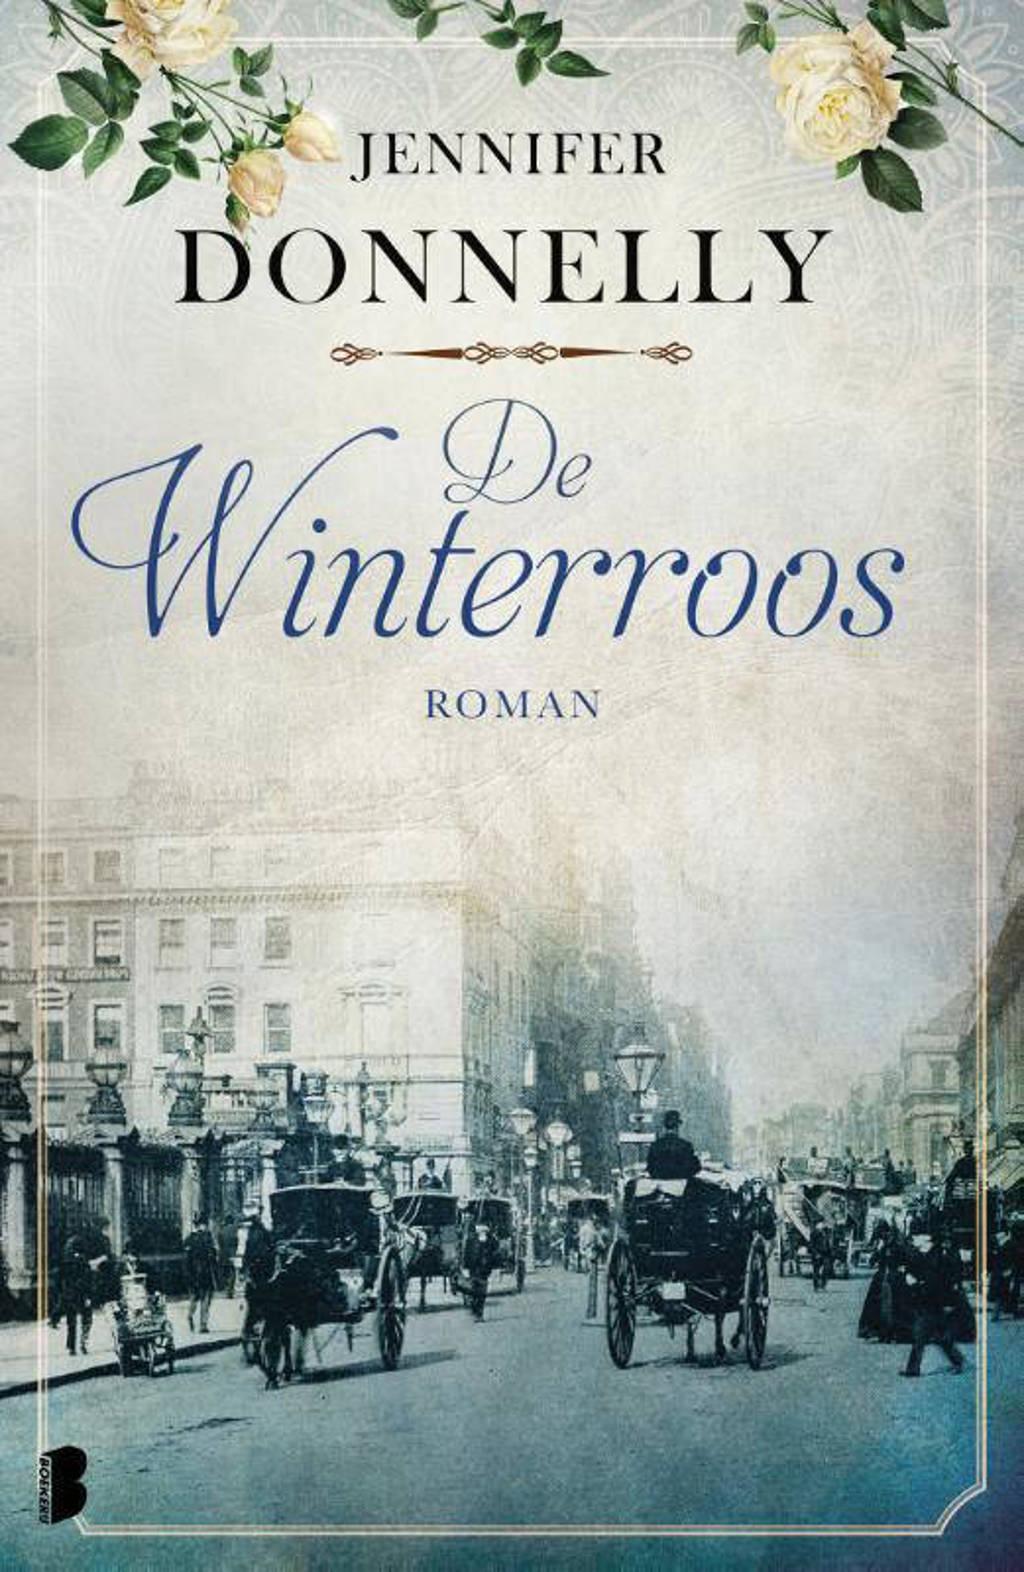 De winterroos - Jennifer Donnelly